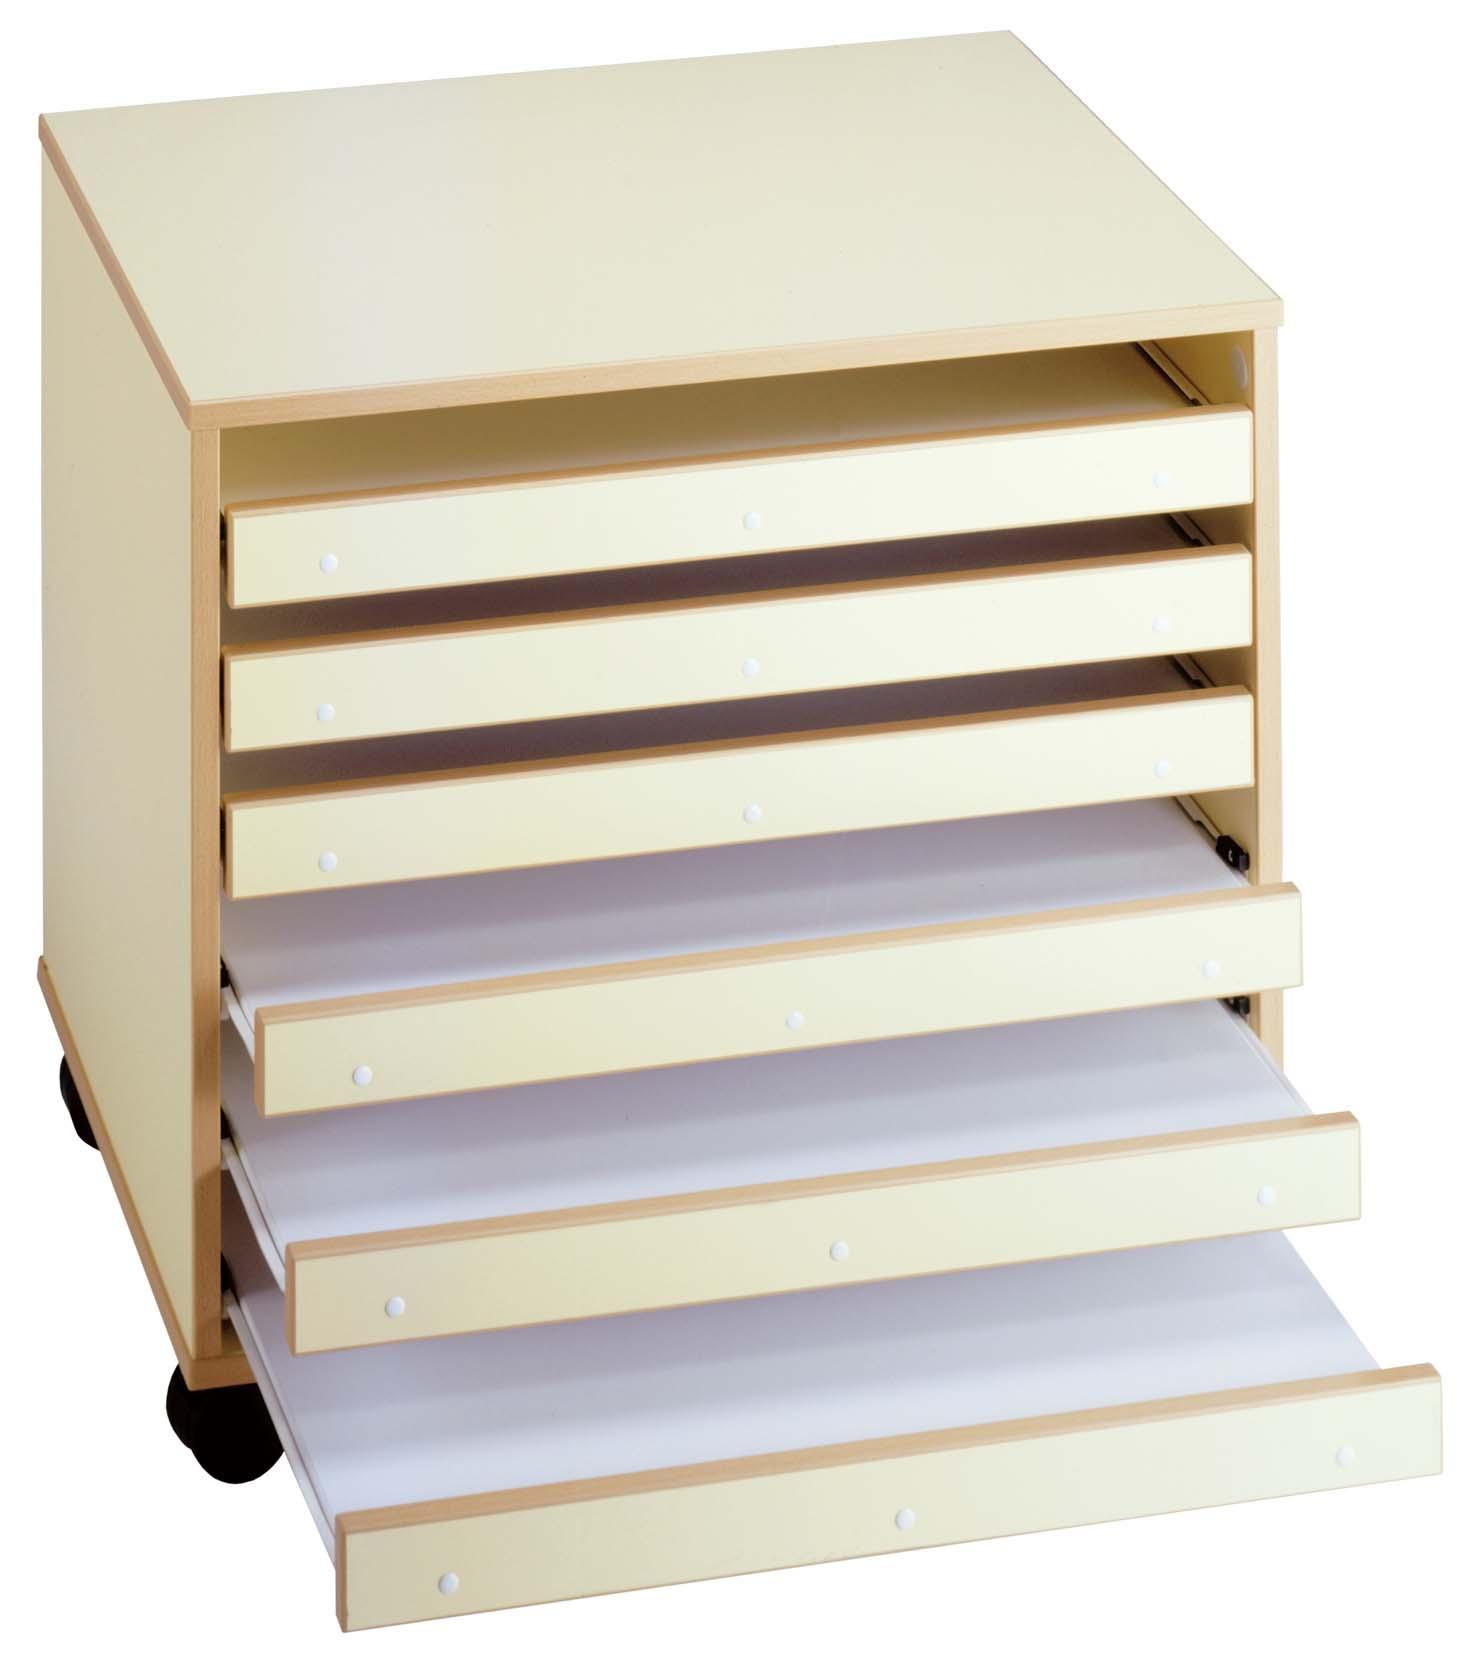 Meuble Papier Dessin 6 Tiroirs - Mobilier Goz dedans Meuble A Papier